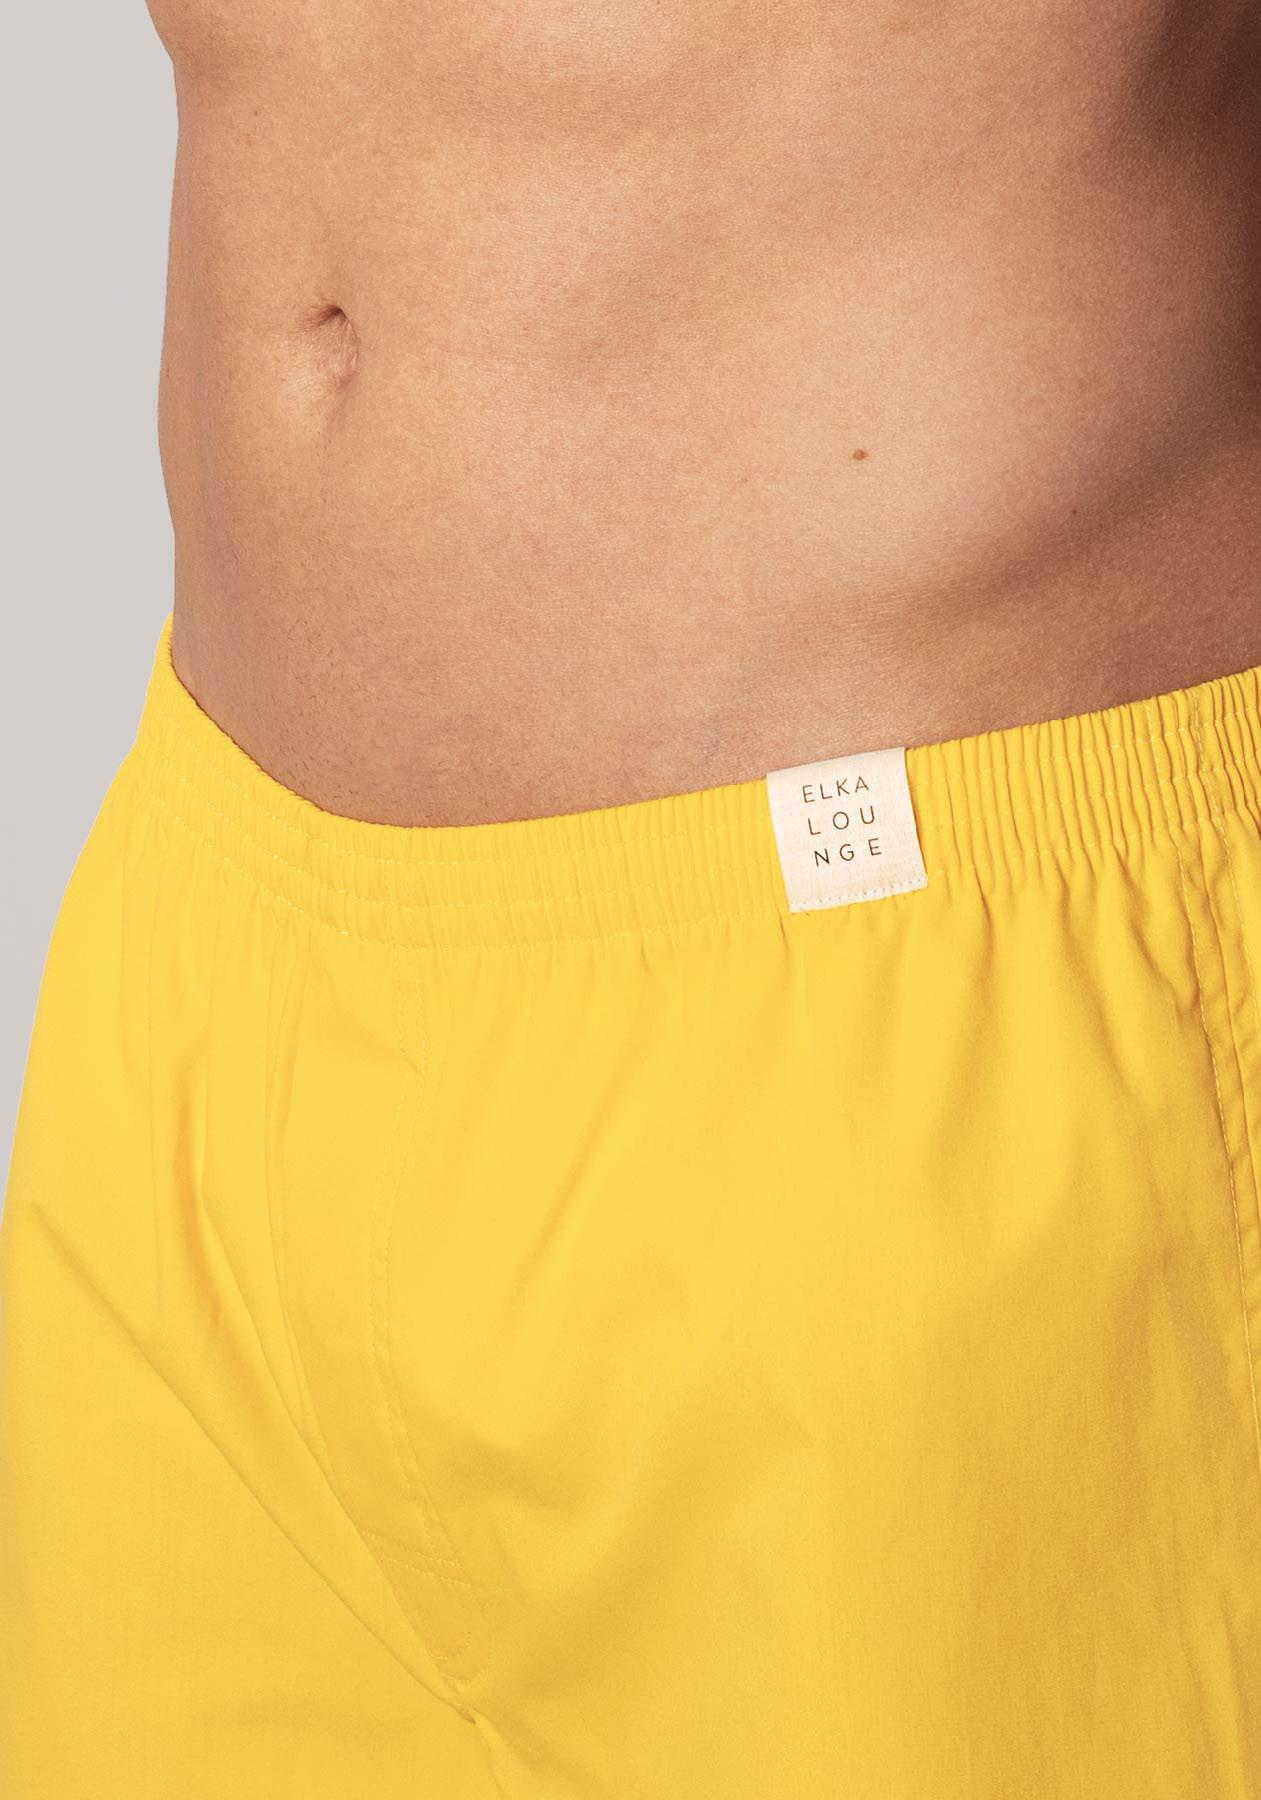 Men-boxershorts-ELKA-Lounge-M00588